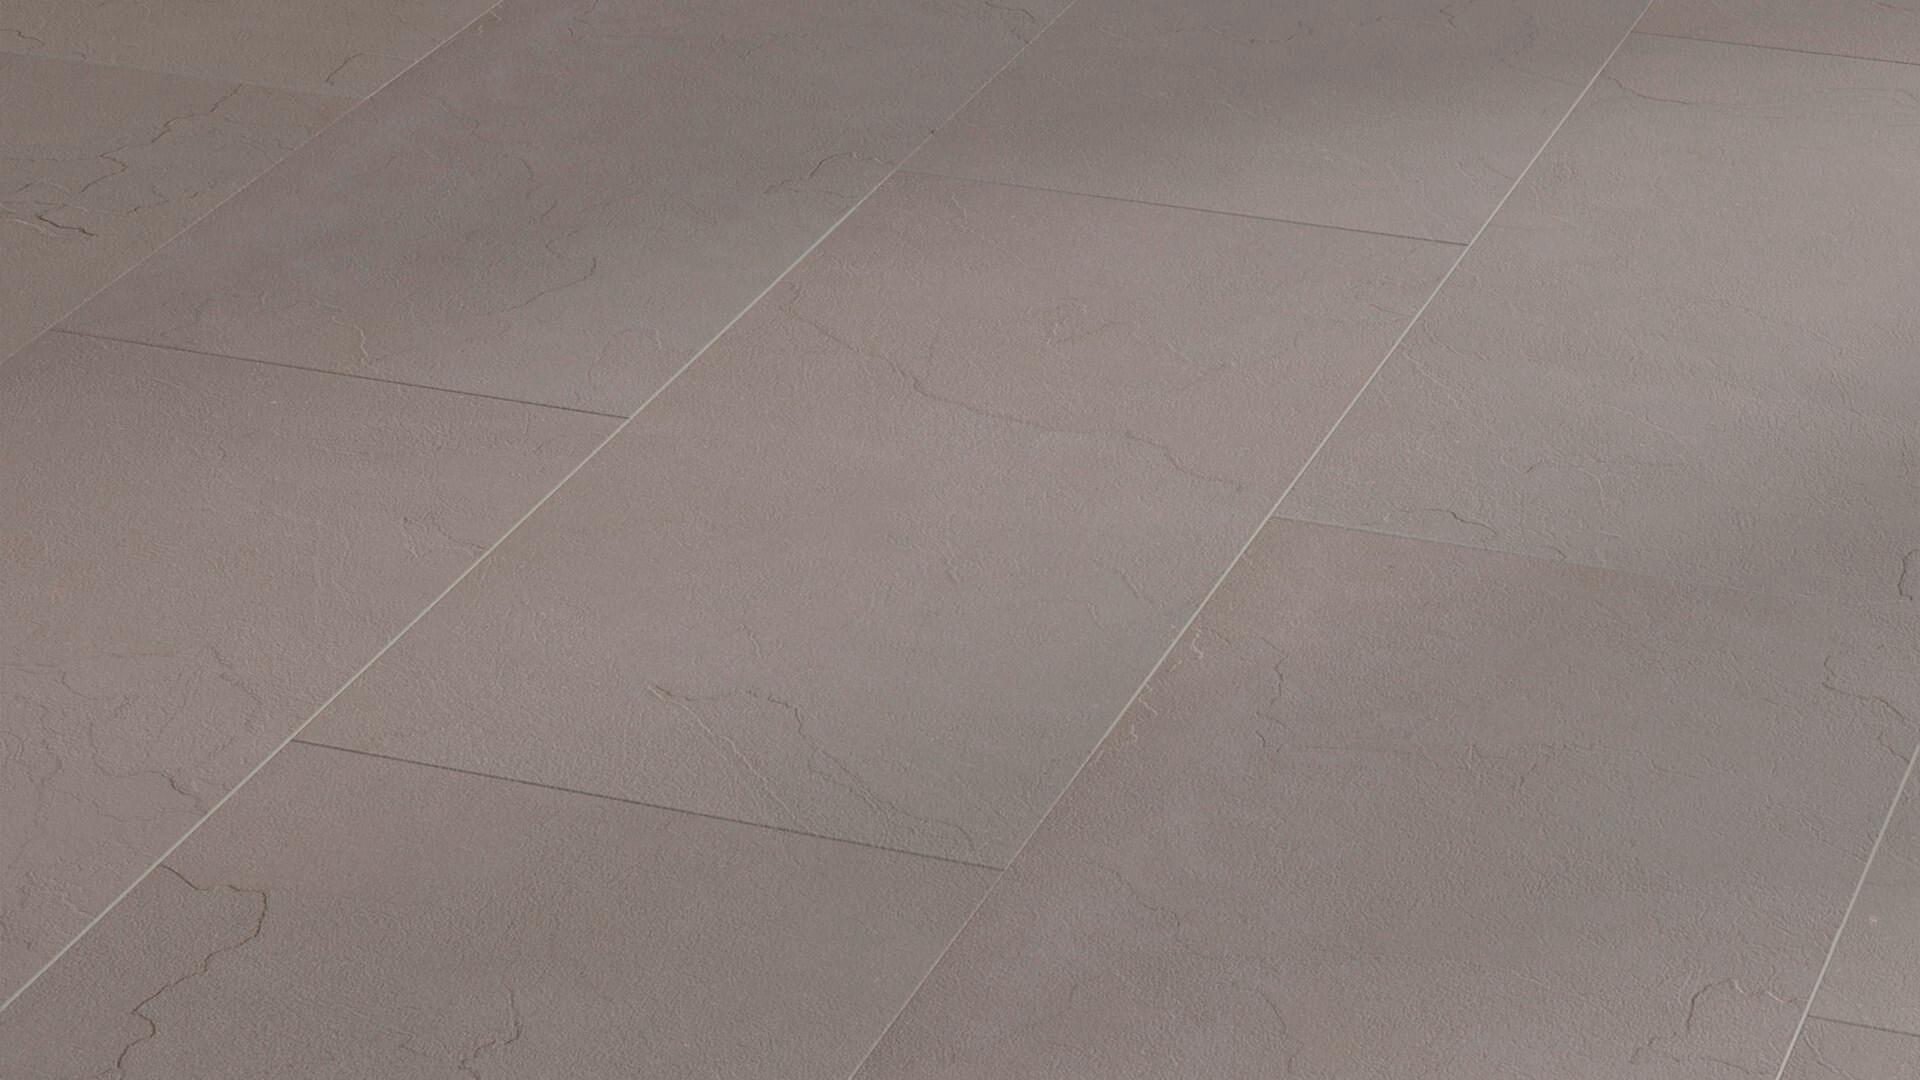 Naduravloer Nadura NB 400 Constructief beton warmgrijs 6314